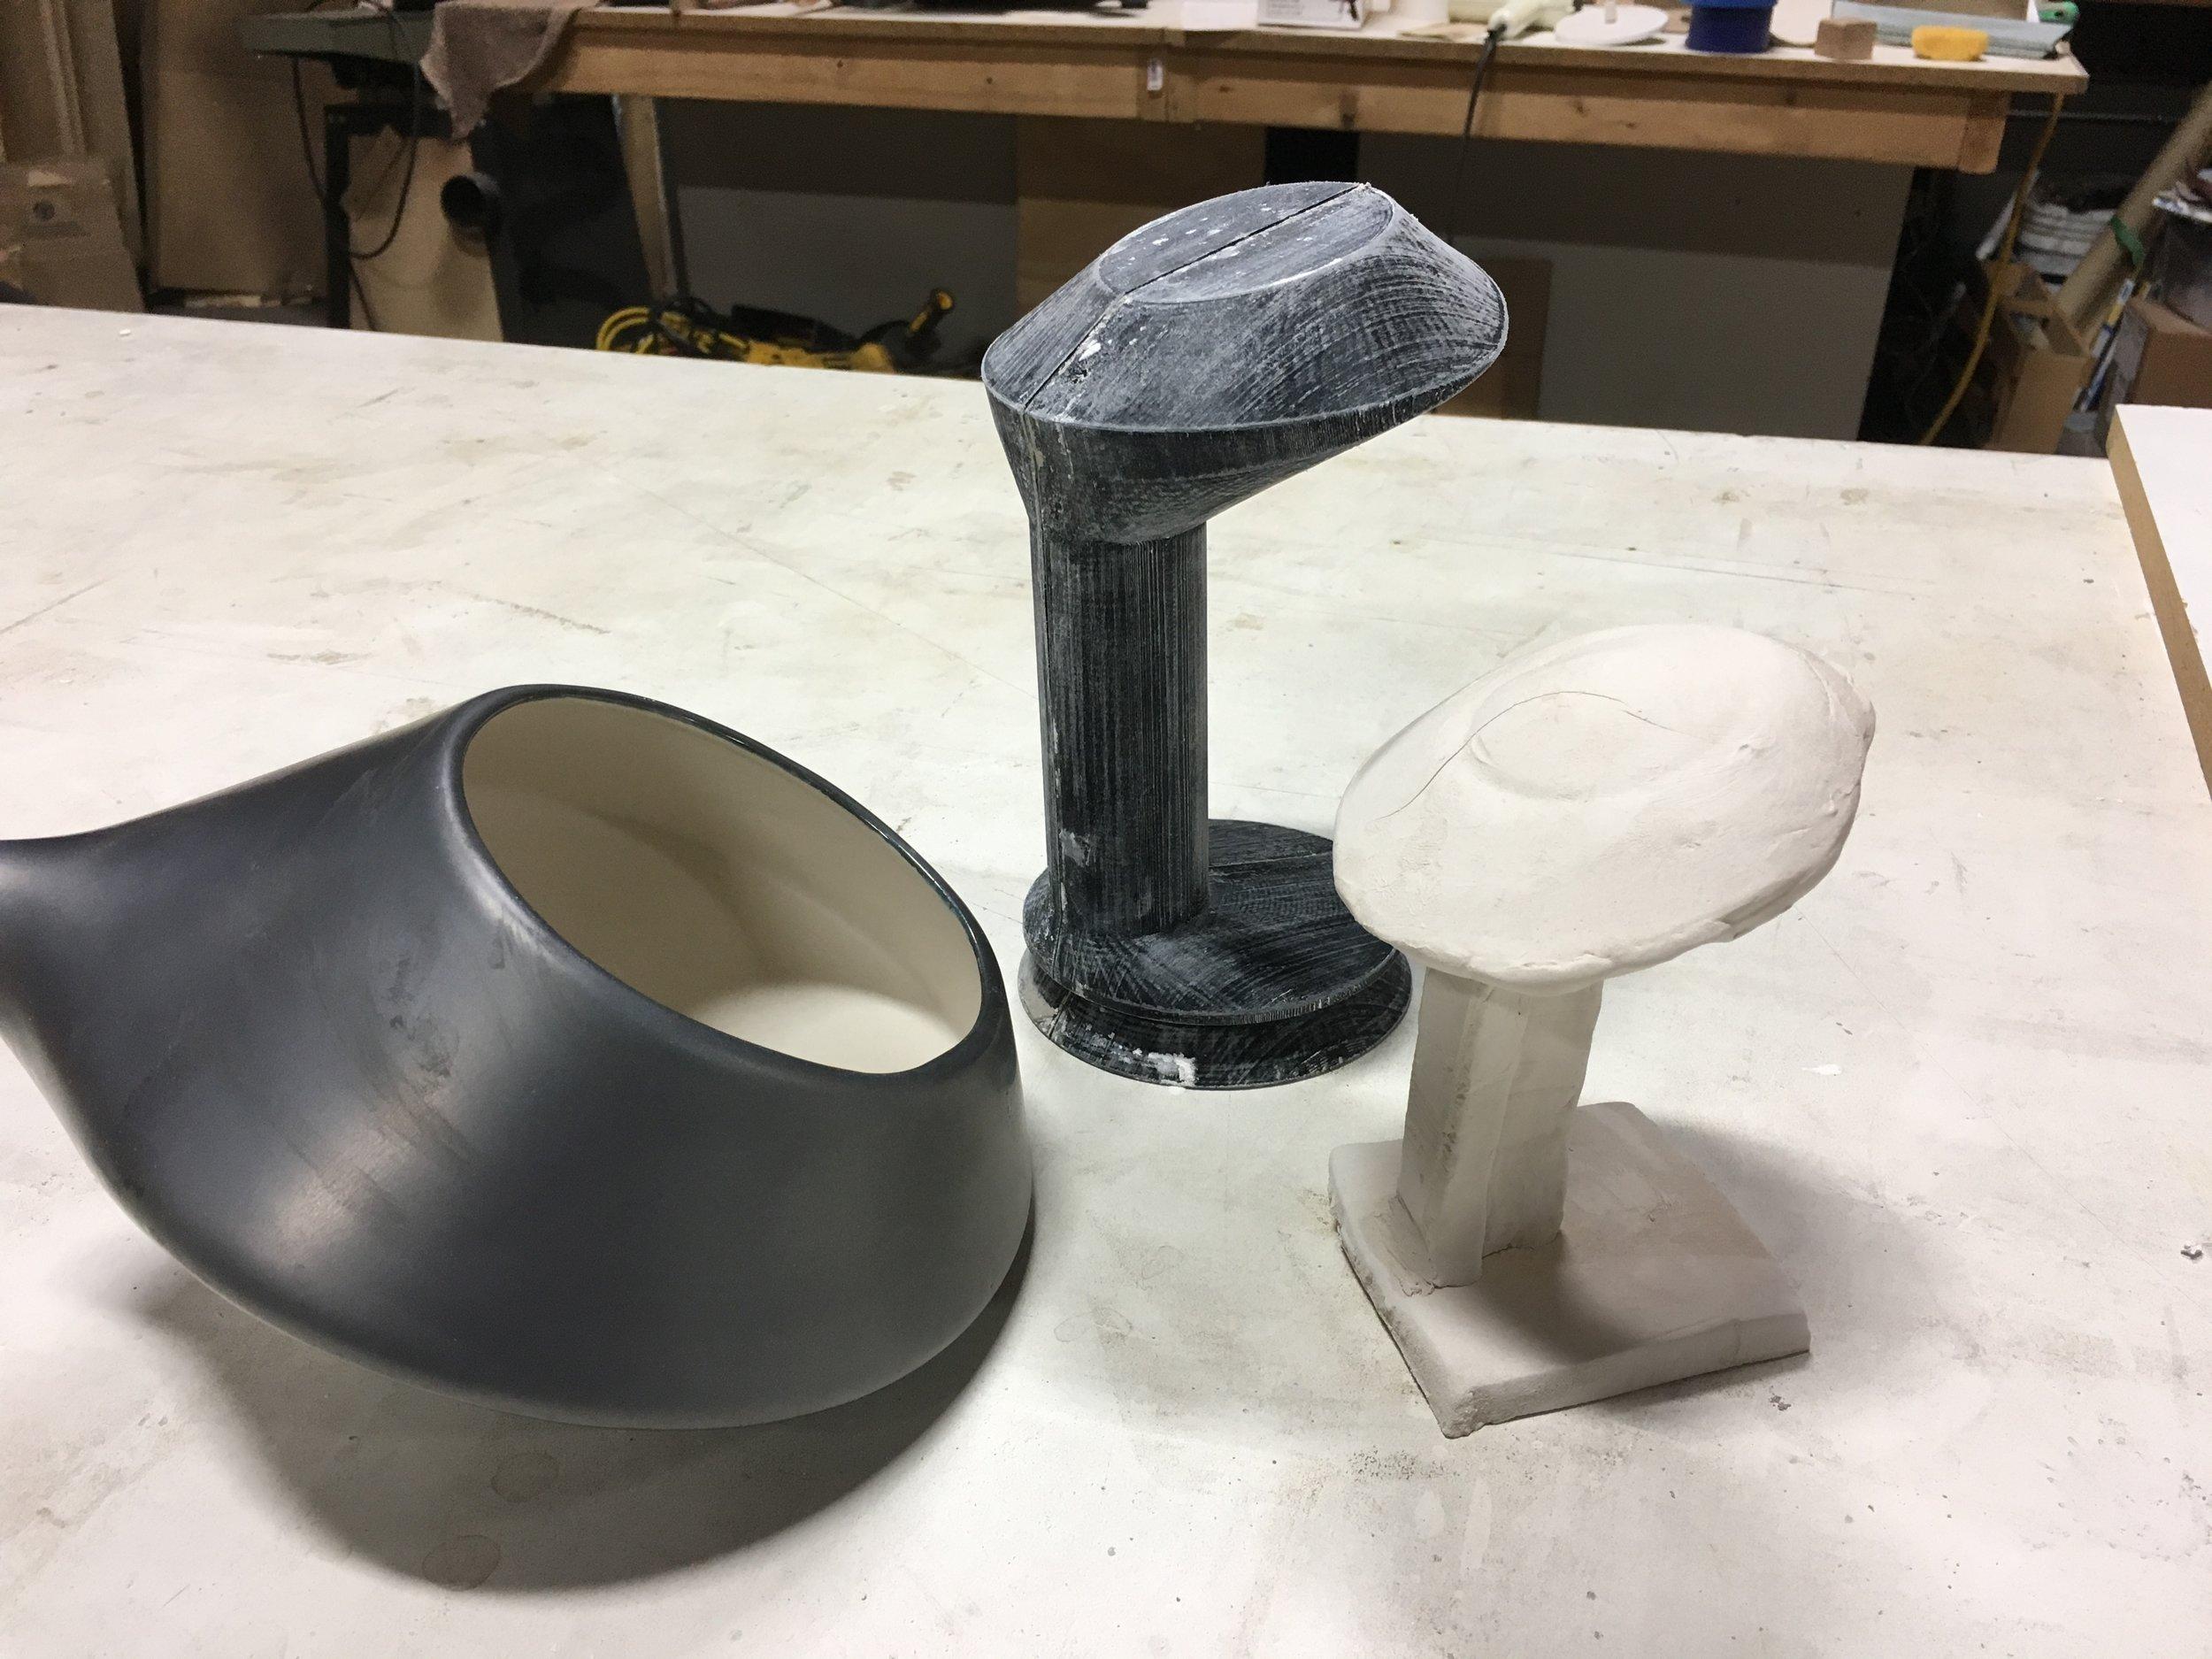 schmitt design orb fixture modern lighting 1